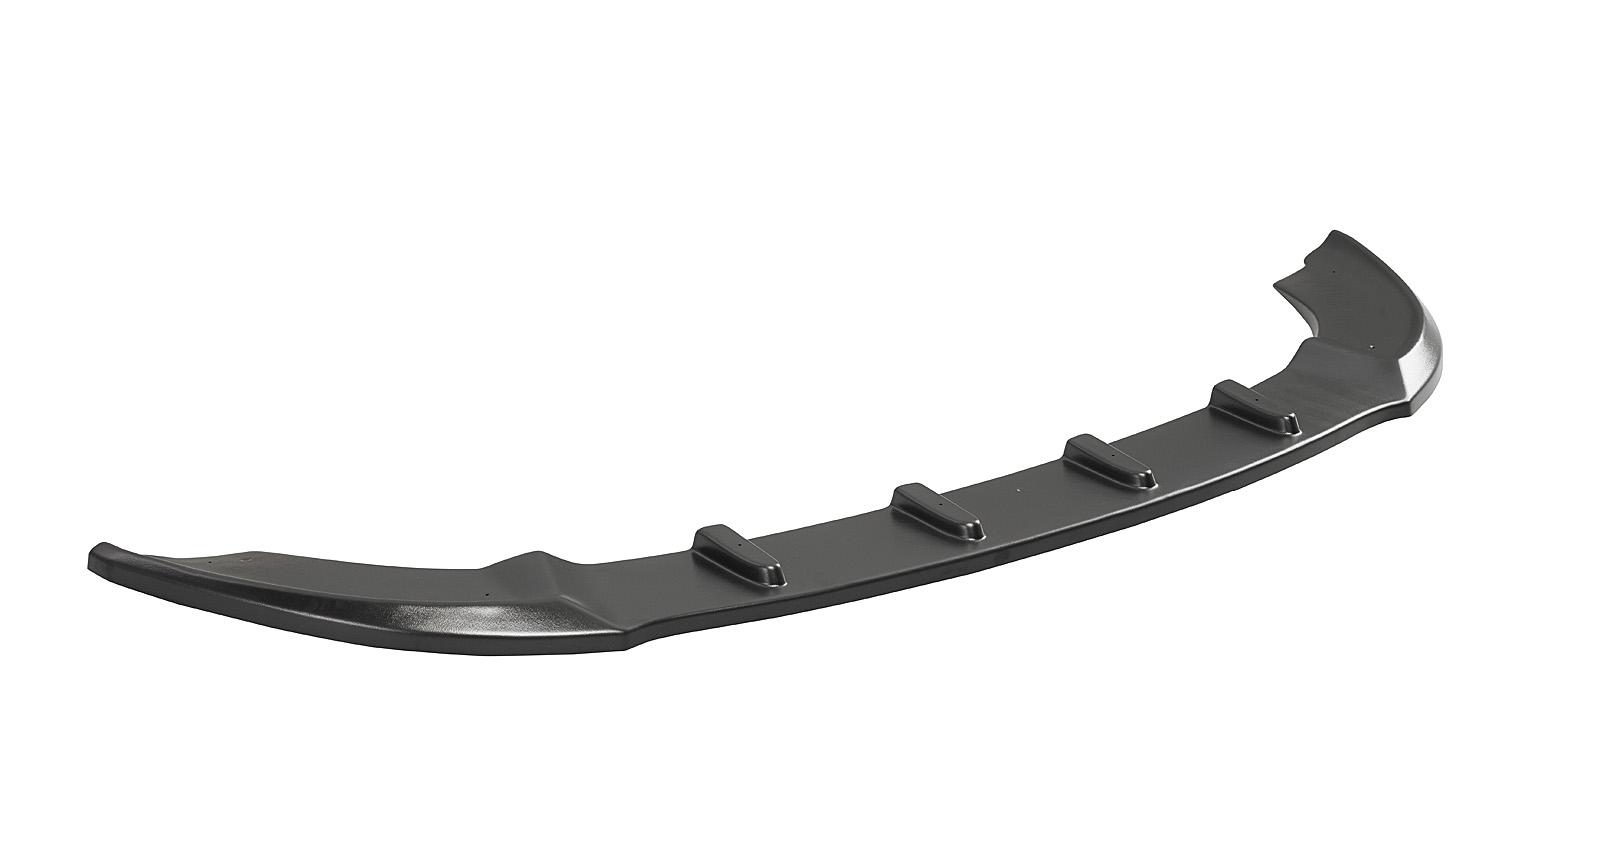 CSR-Automotive Cupspoilerlippe Spoilerschwert mit ABE Carbon Look CSL127-C